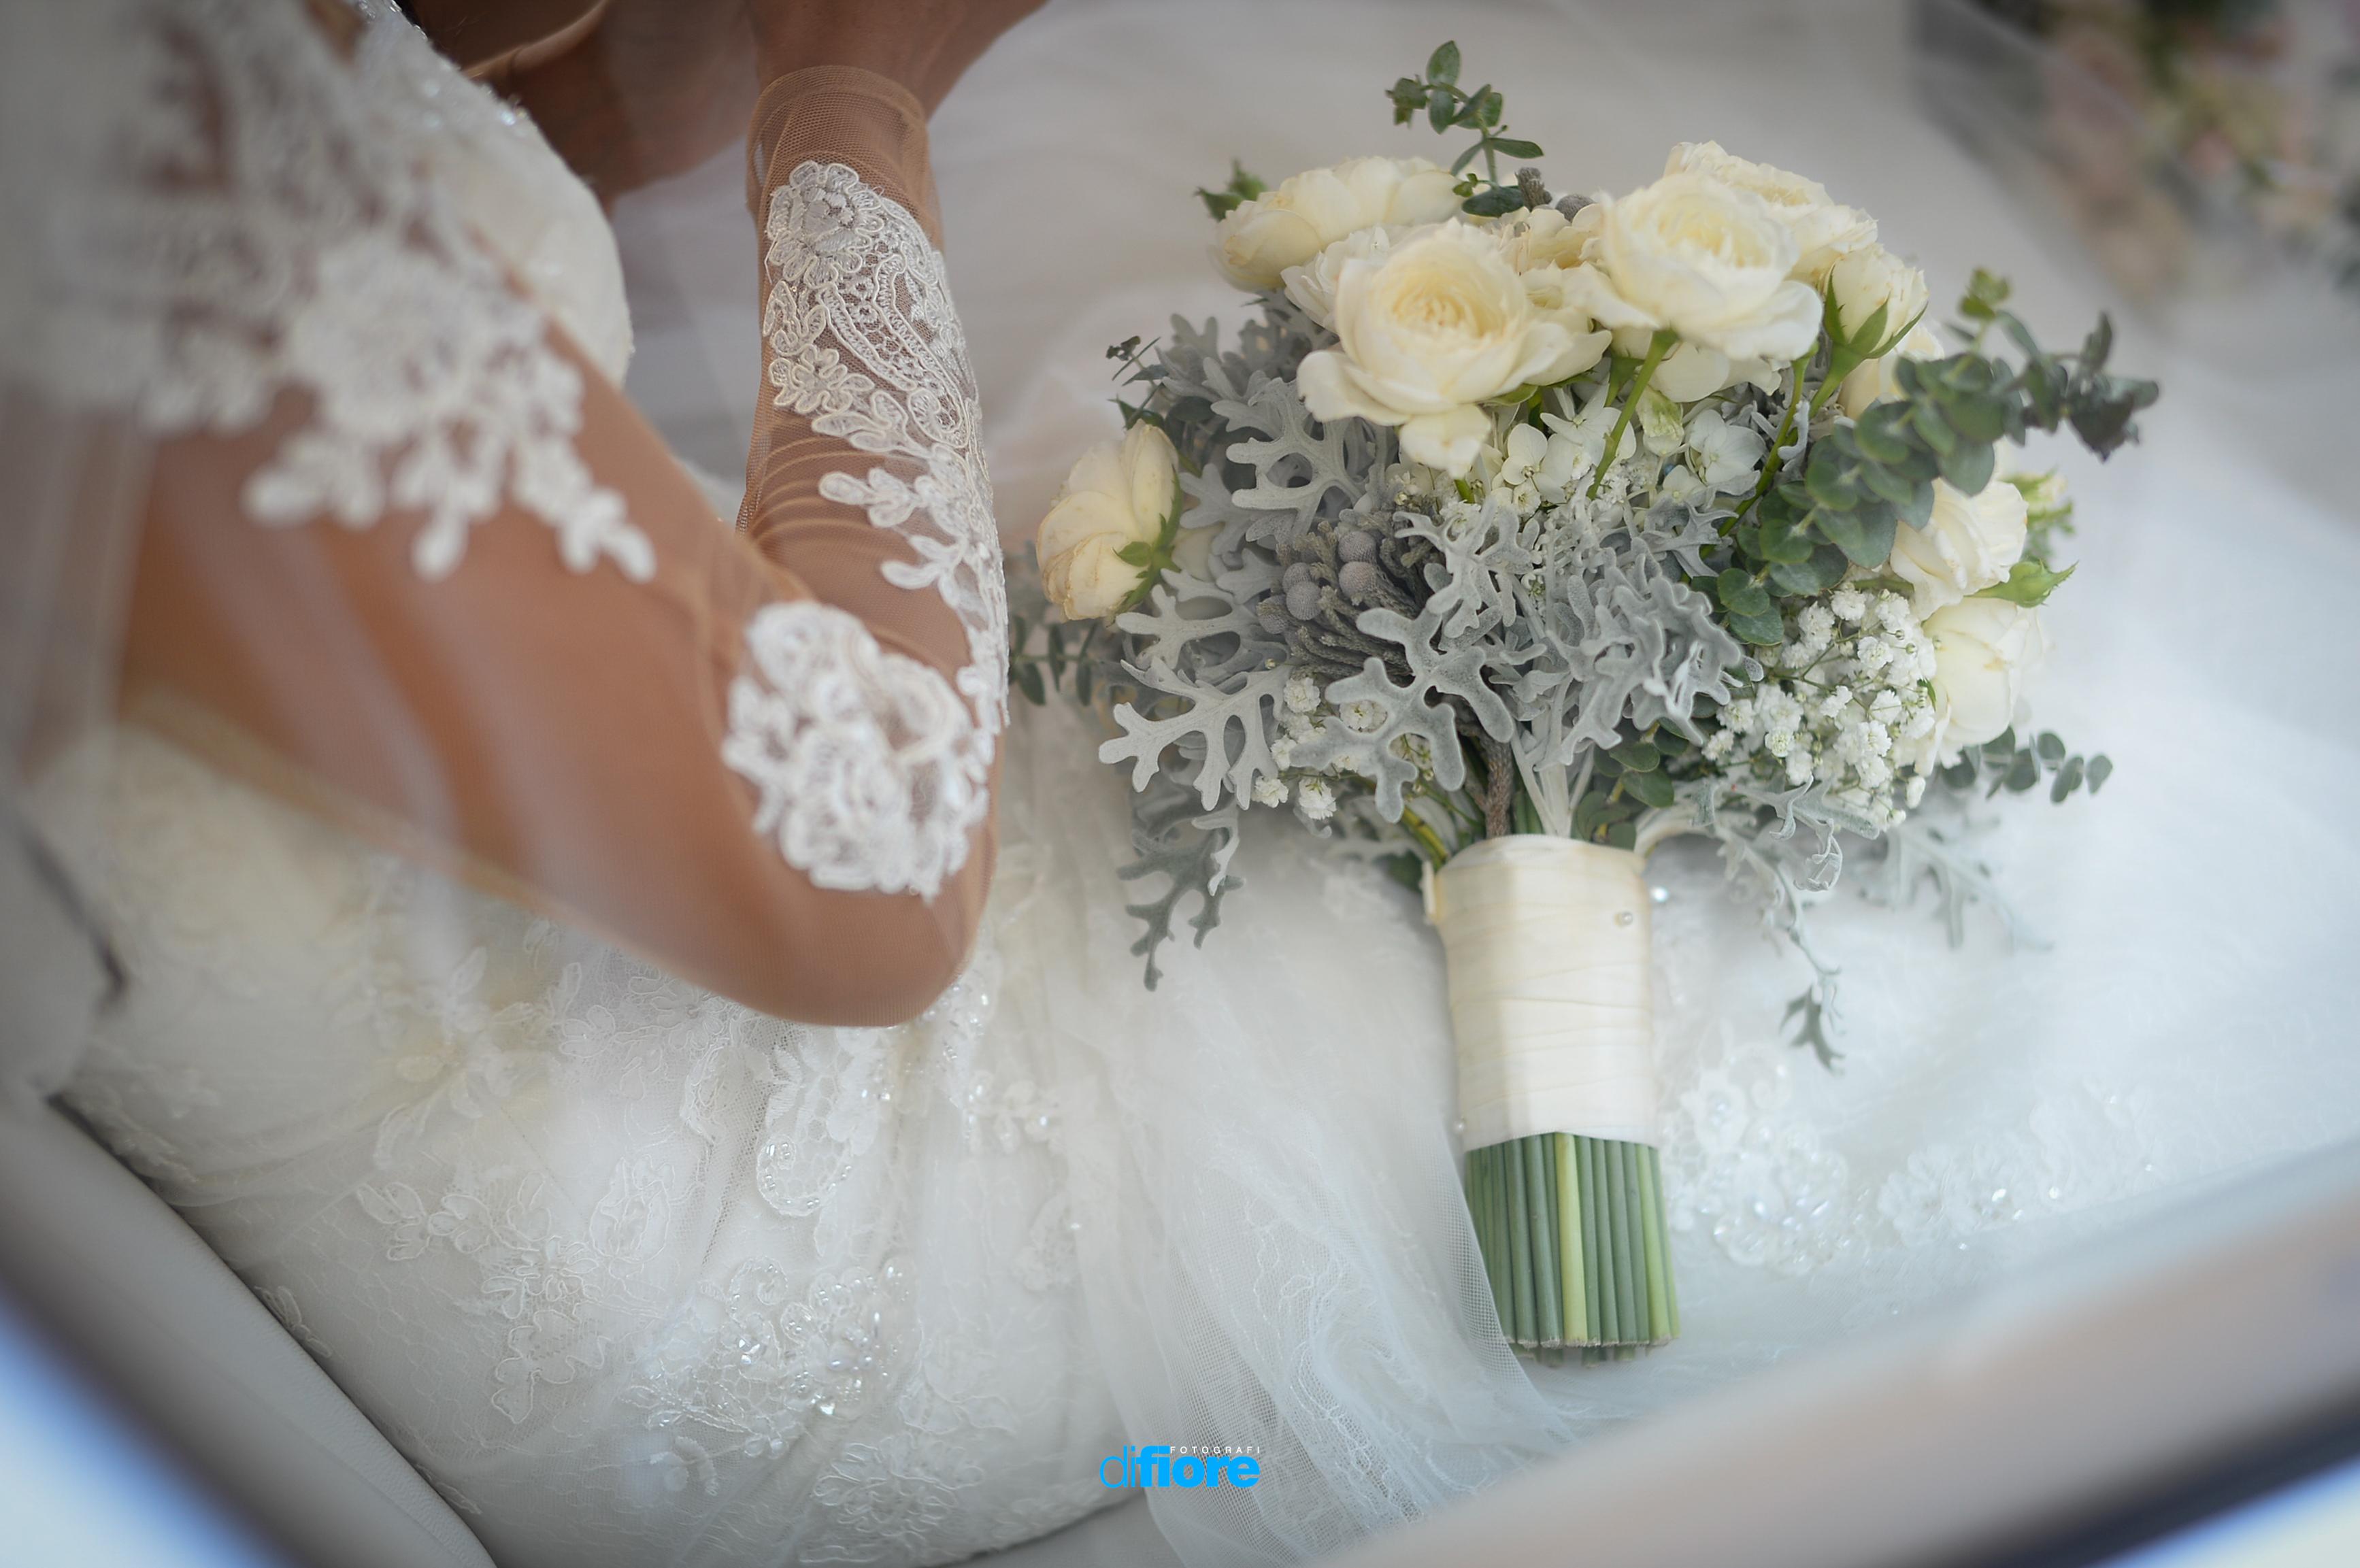 Bouquet Sposa Per Luglio.Novita Bouquet Sposa 2020 Per Nozze Alla Moda Wedding